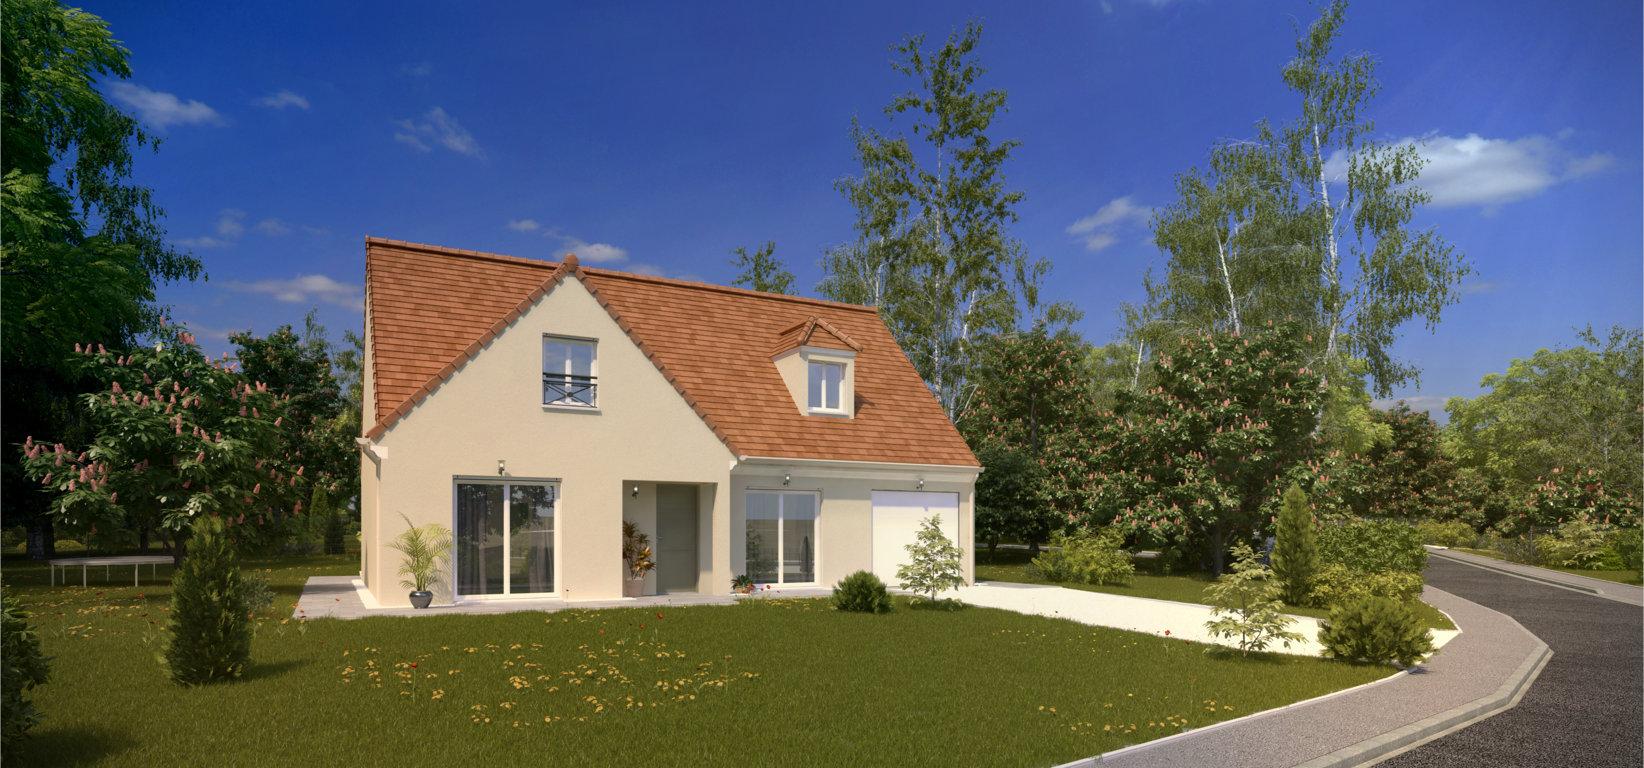 Maisons du constructeur MAISONS PIERRE CHARTRES • 128 m² • THIVARS